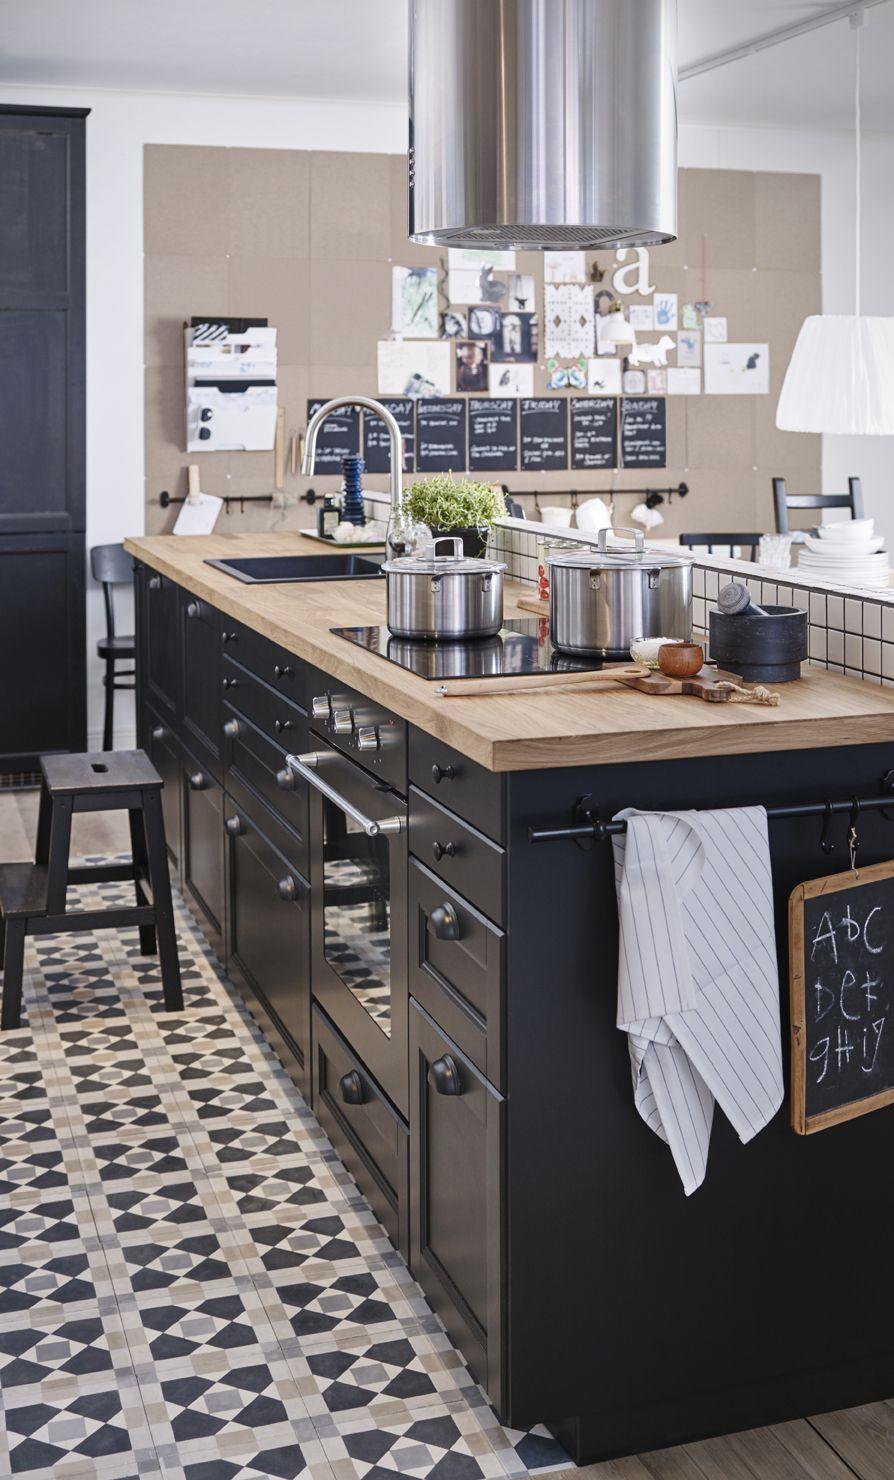 porta küchenplaner abzukühlen pic und cfadeffdcce jpg